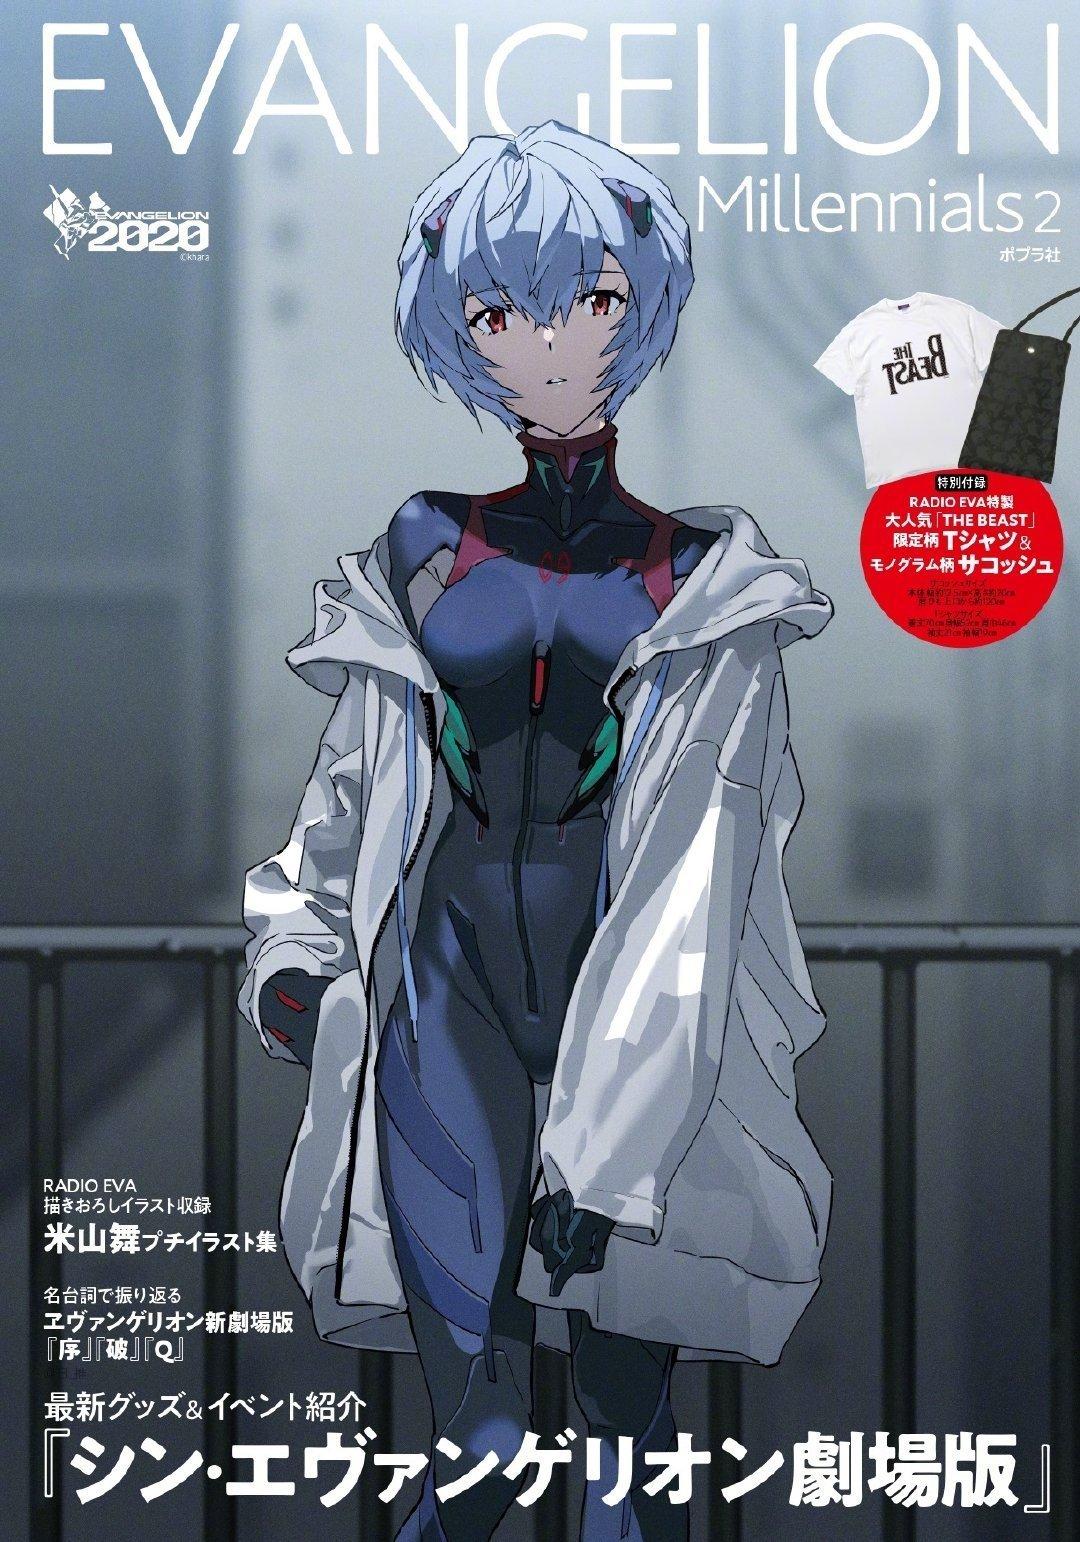 EVA×潮流「EVANGELION Millennials2」将于9月1日发售,封面为绫波丽  